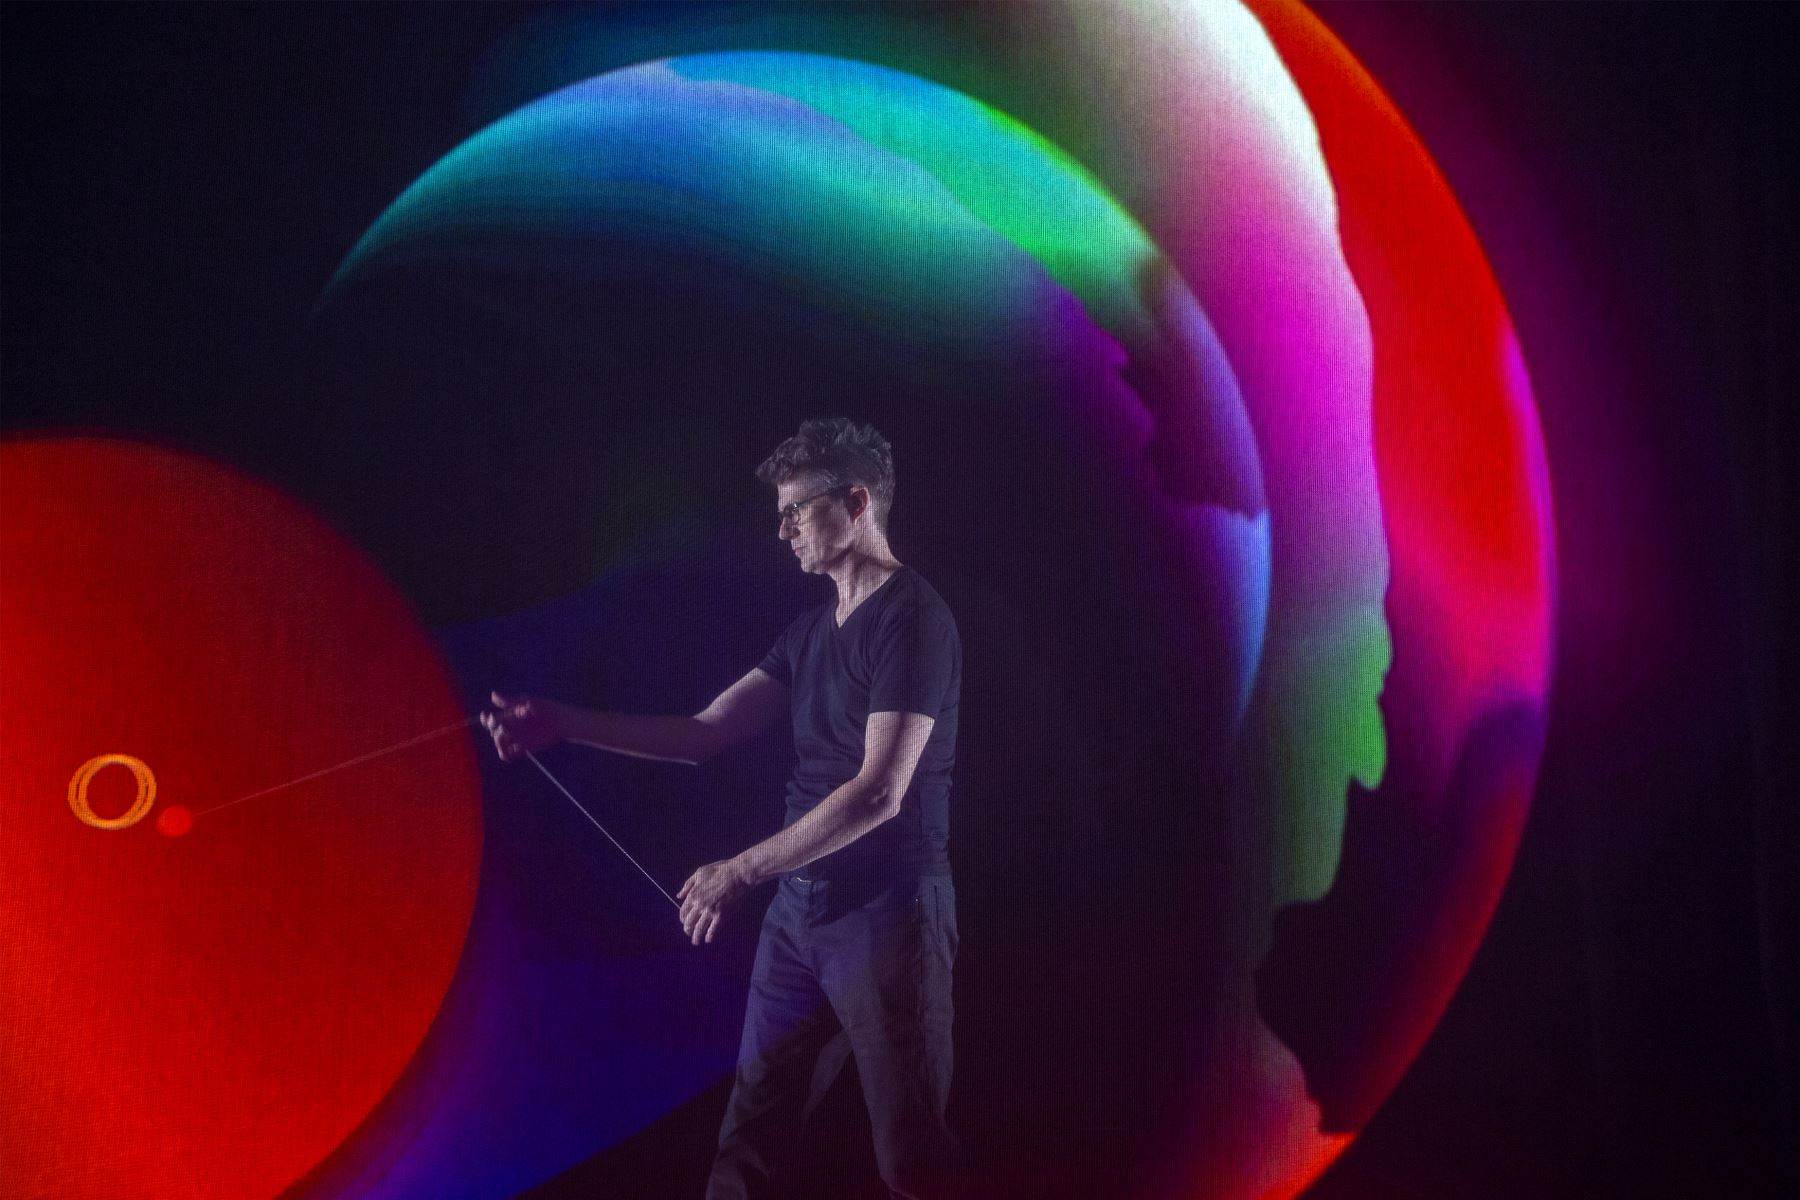 El experto en YoYo Mark Hayward realiza trucos con un sensor en un YoYo dentro de la sección Mapa de proyección y seguimiento en tiempo real de la exhibición de Panasonic durante el CES 2019 en Las Vegas. AFP